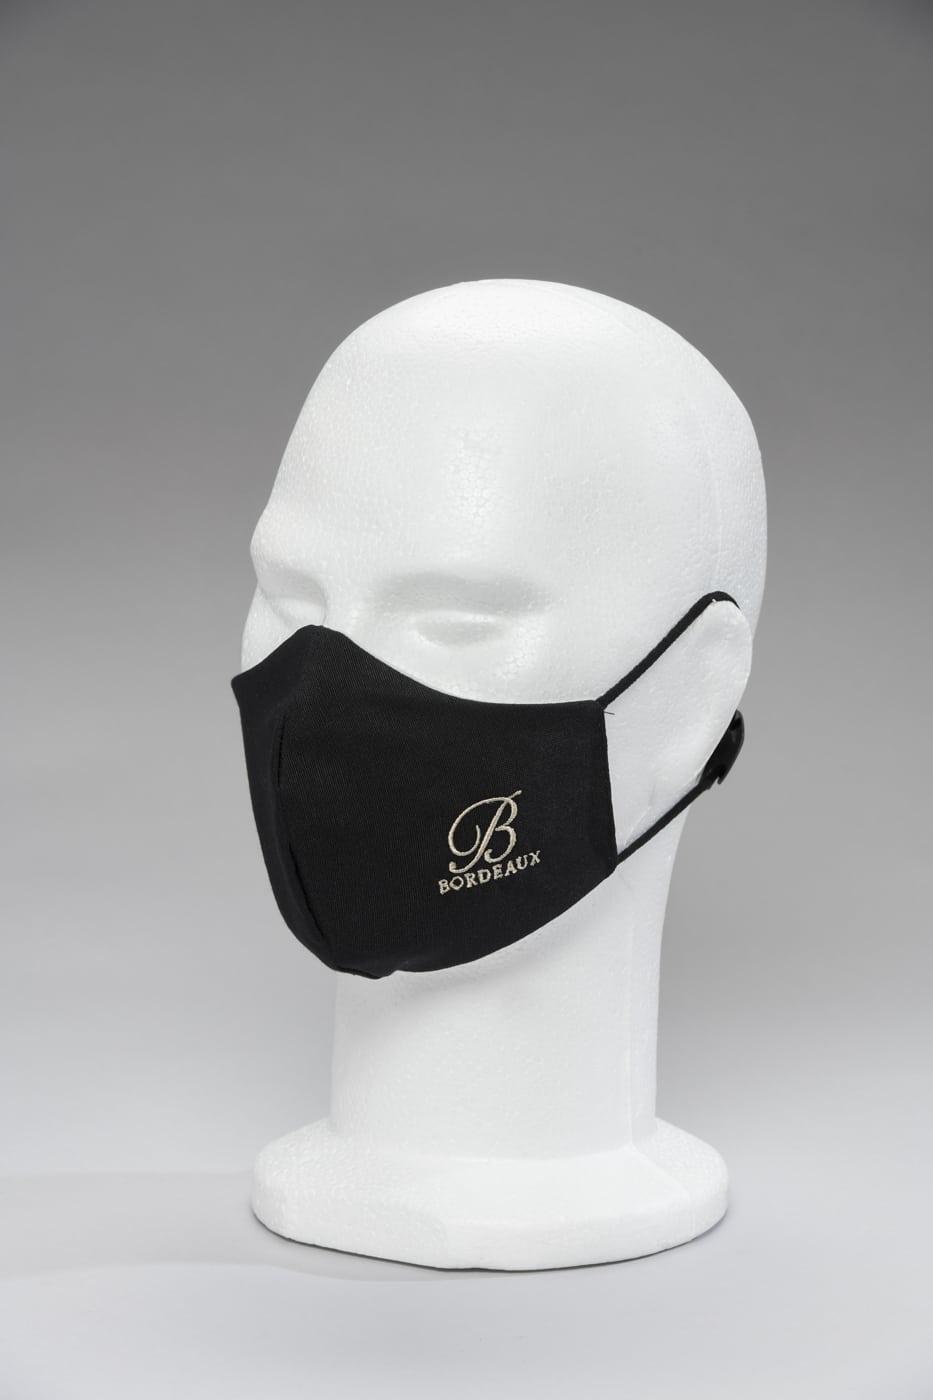 Masque noir Bordeaux